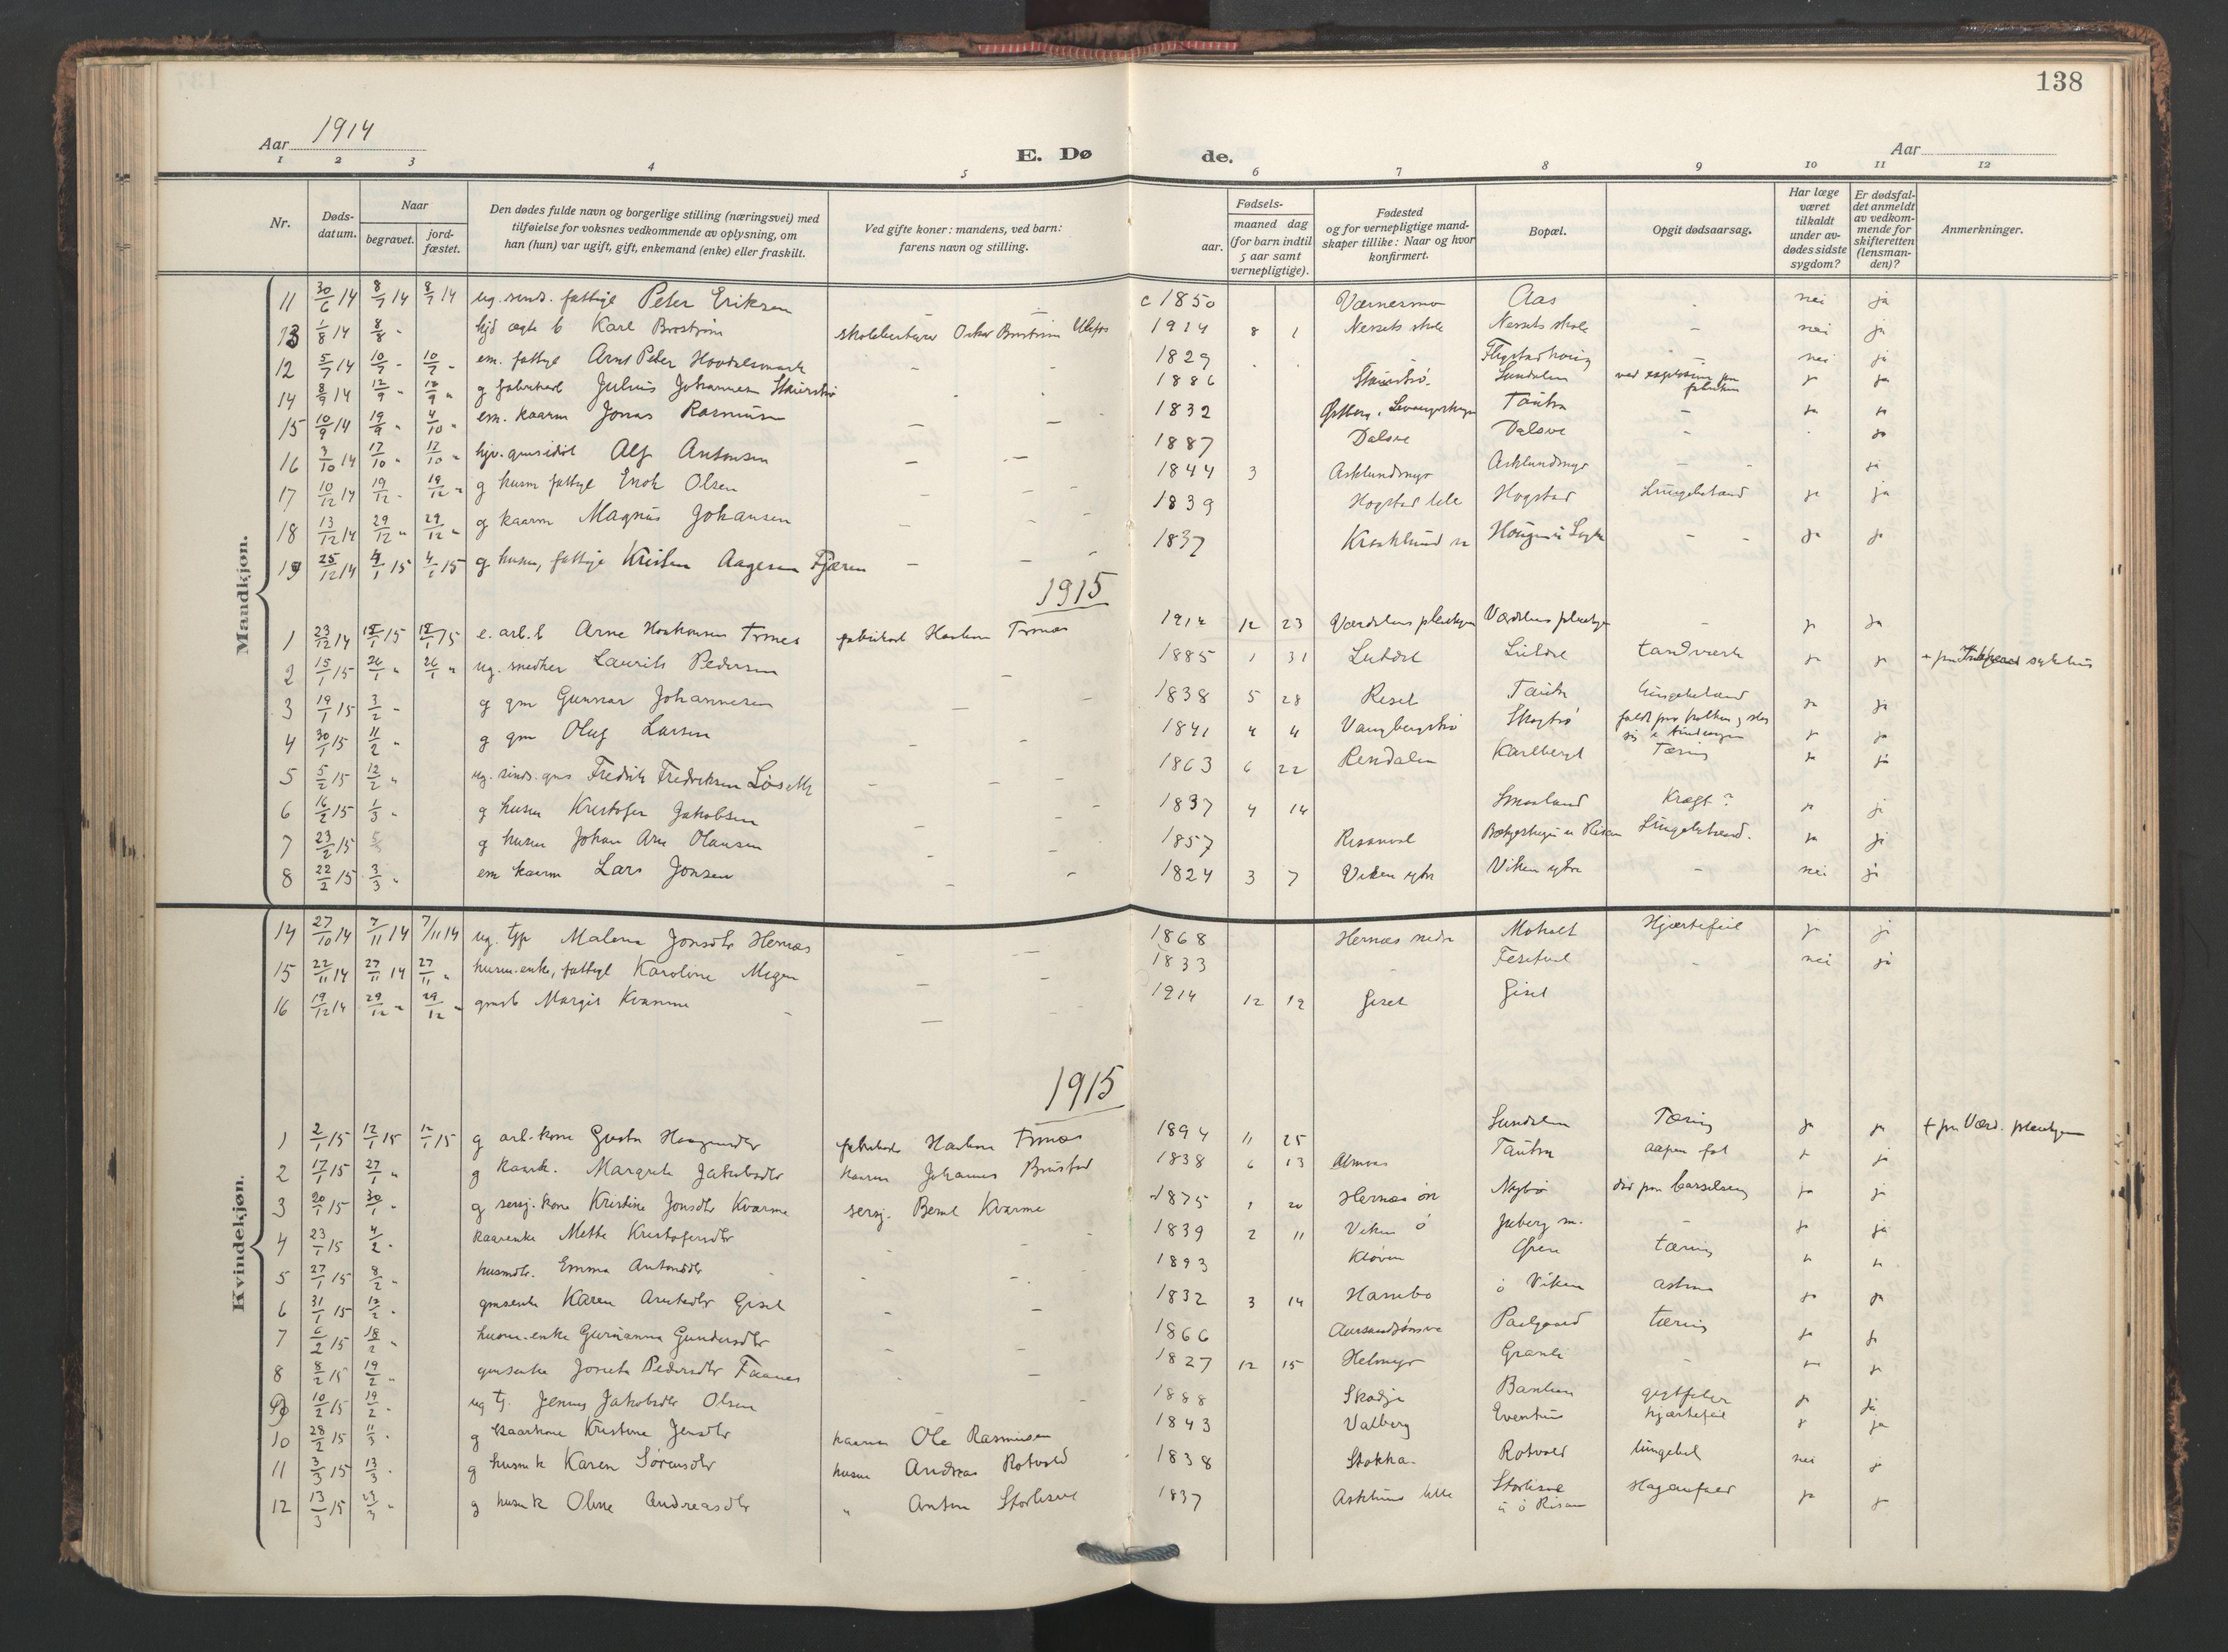 SAT, Ministerialprotokoller, klokkerbøker og fødselsregistre - Nord-Trøndelag, 713/L0123: Ministerialbok nr. 713A12, 1911-1925, s. 138